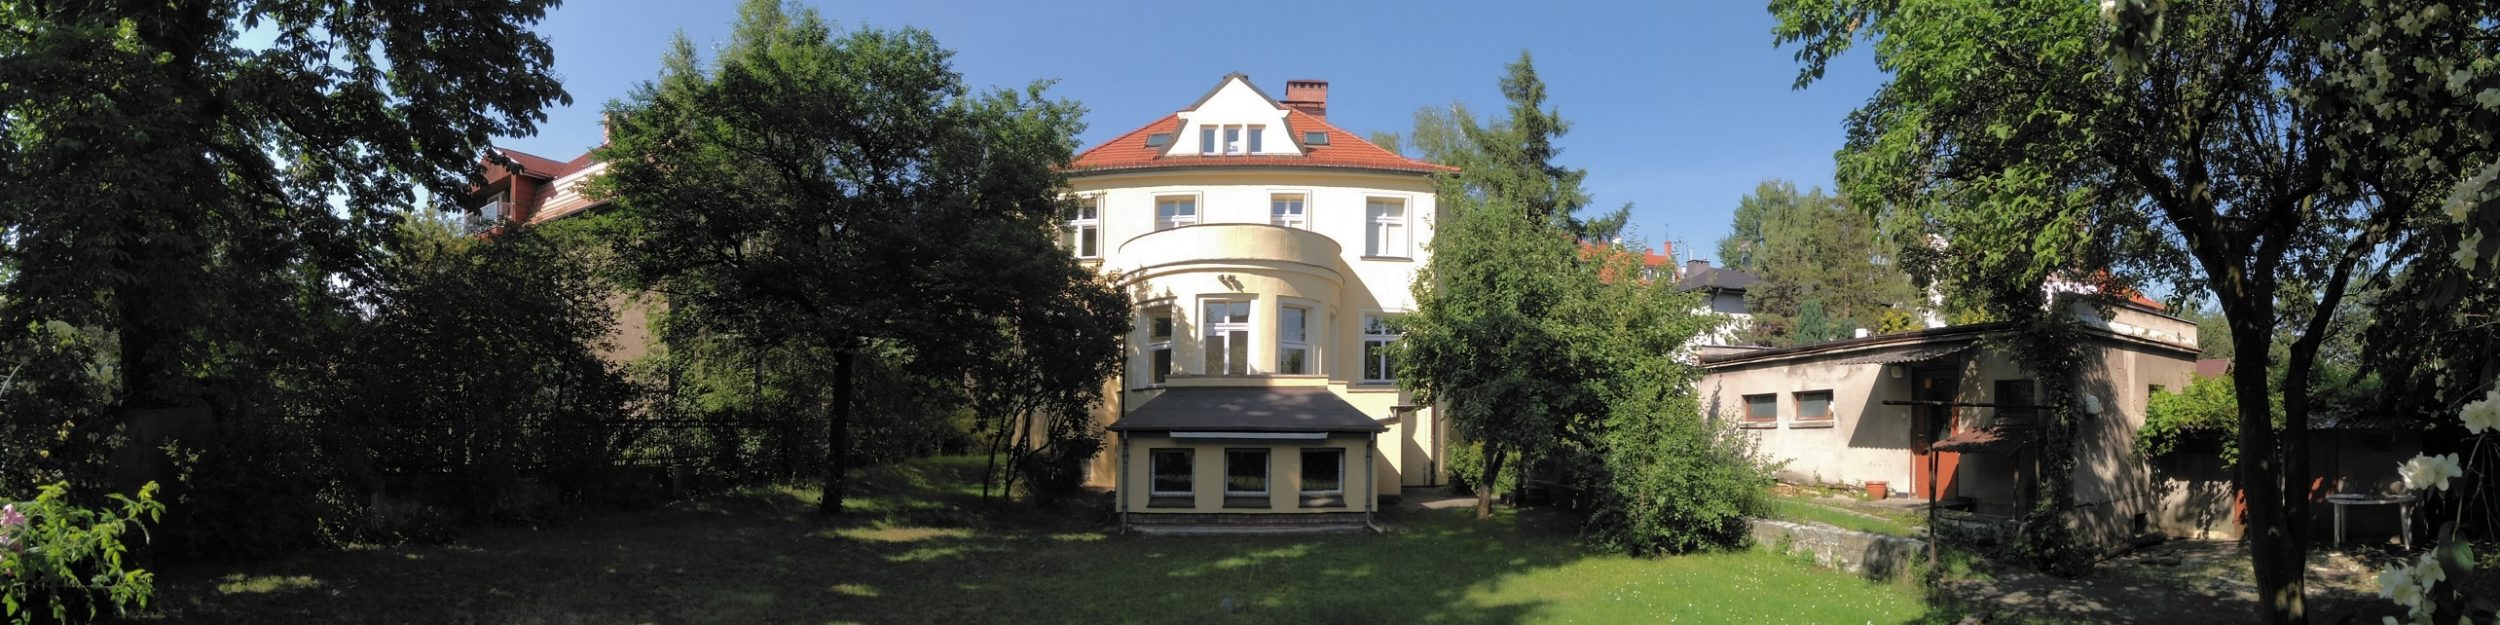 DSKG Breslau/ NTKS Wrocław